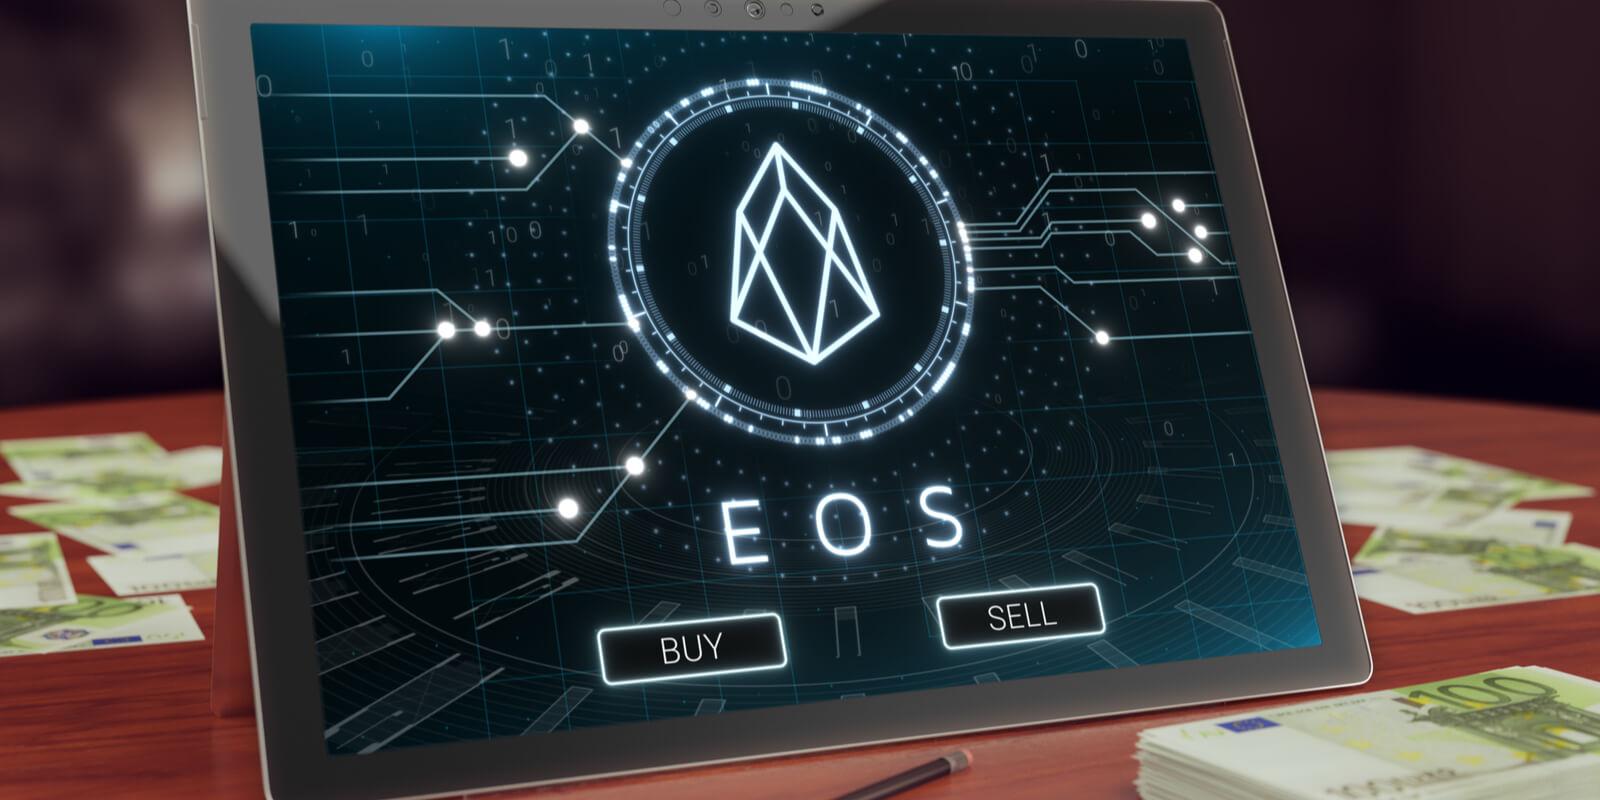 Les 3 Meilleurs Sites pour Acheter EOS